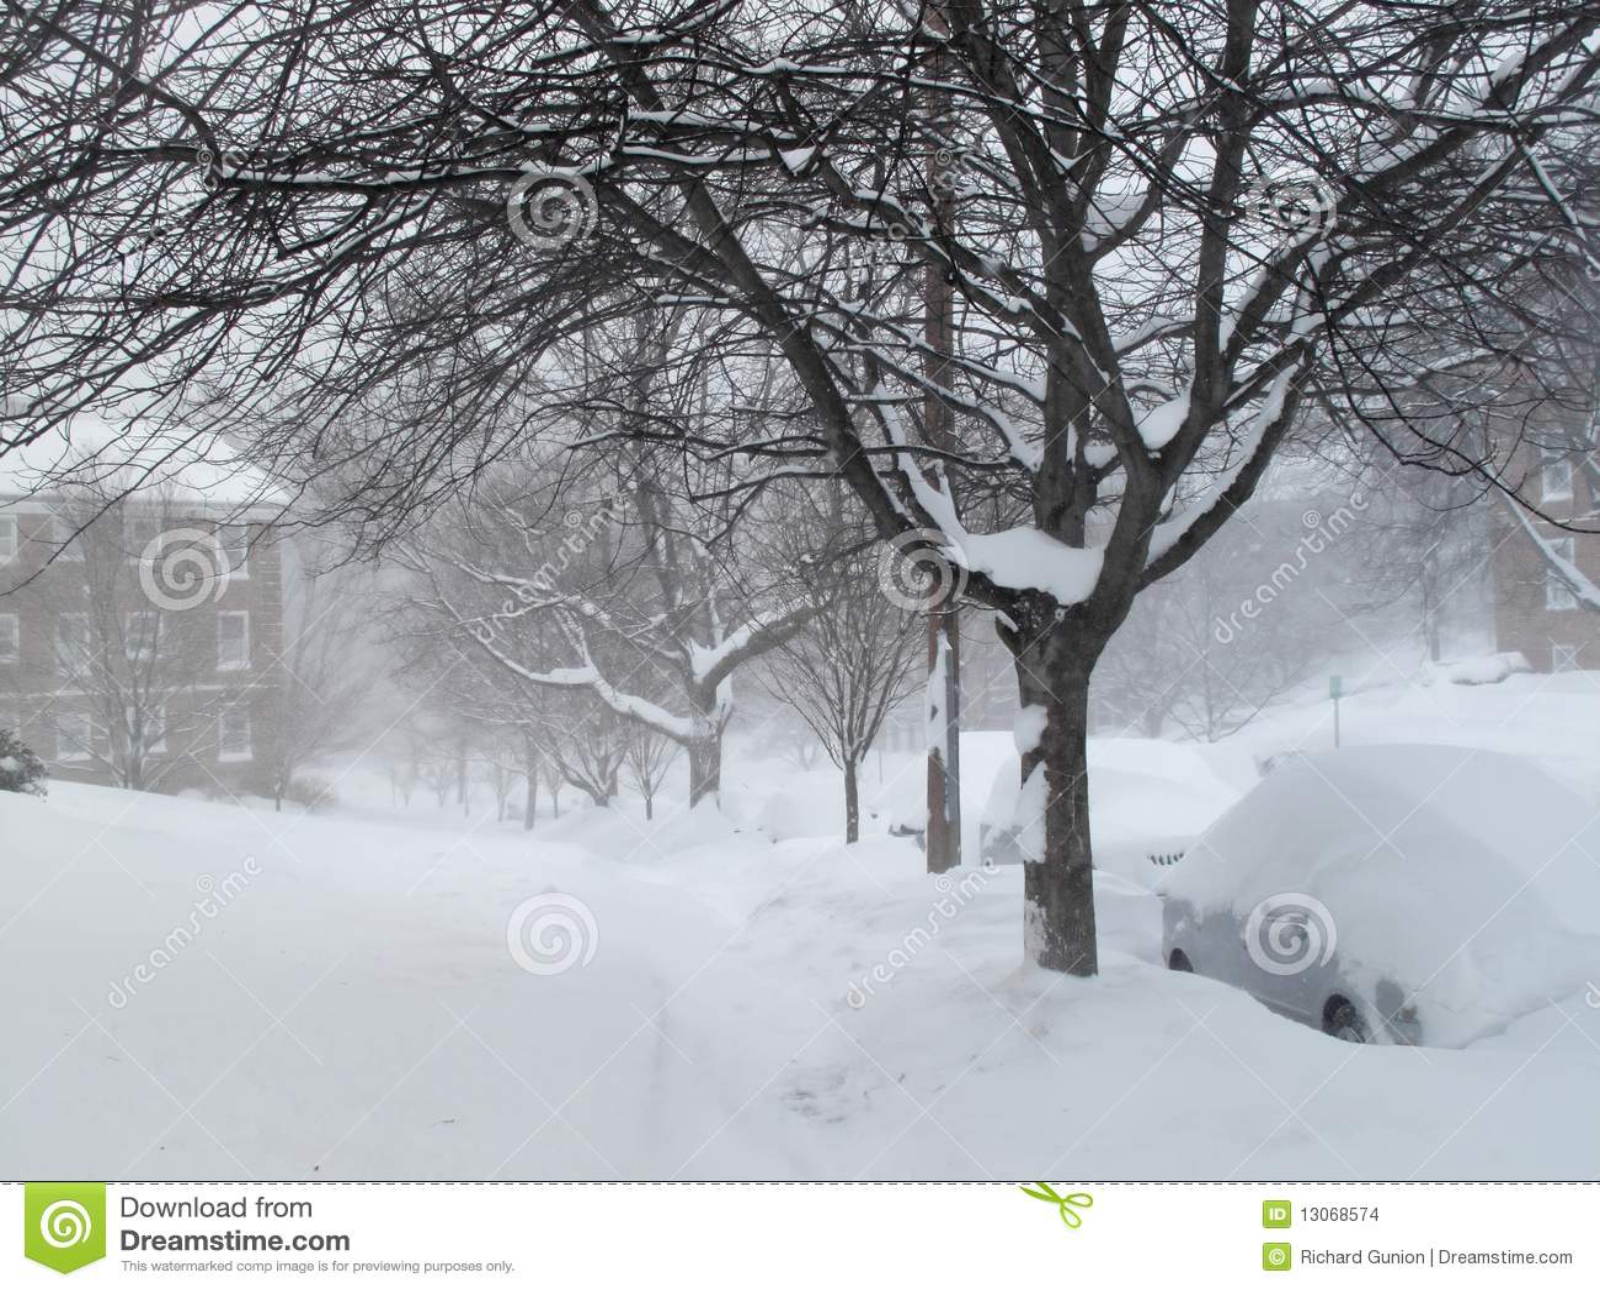 Häftig snöstormgrannskaptrottoar